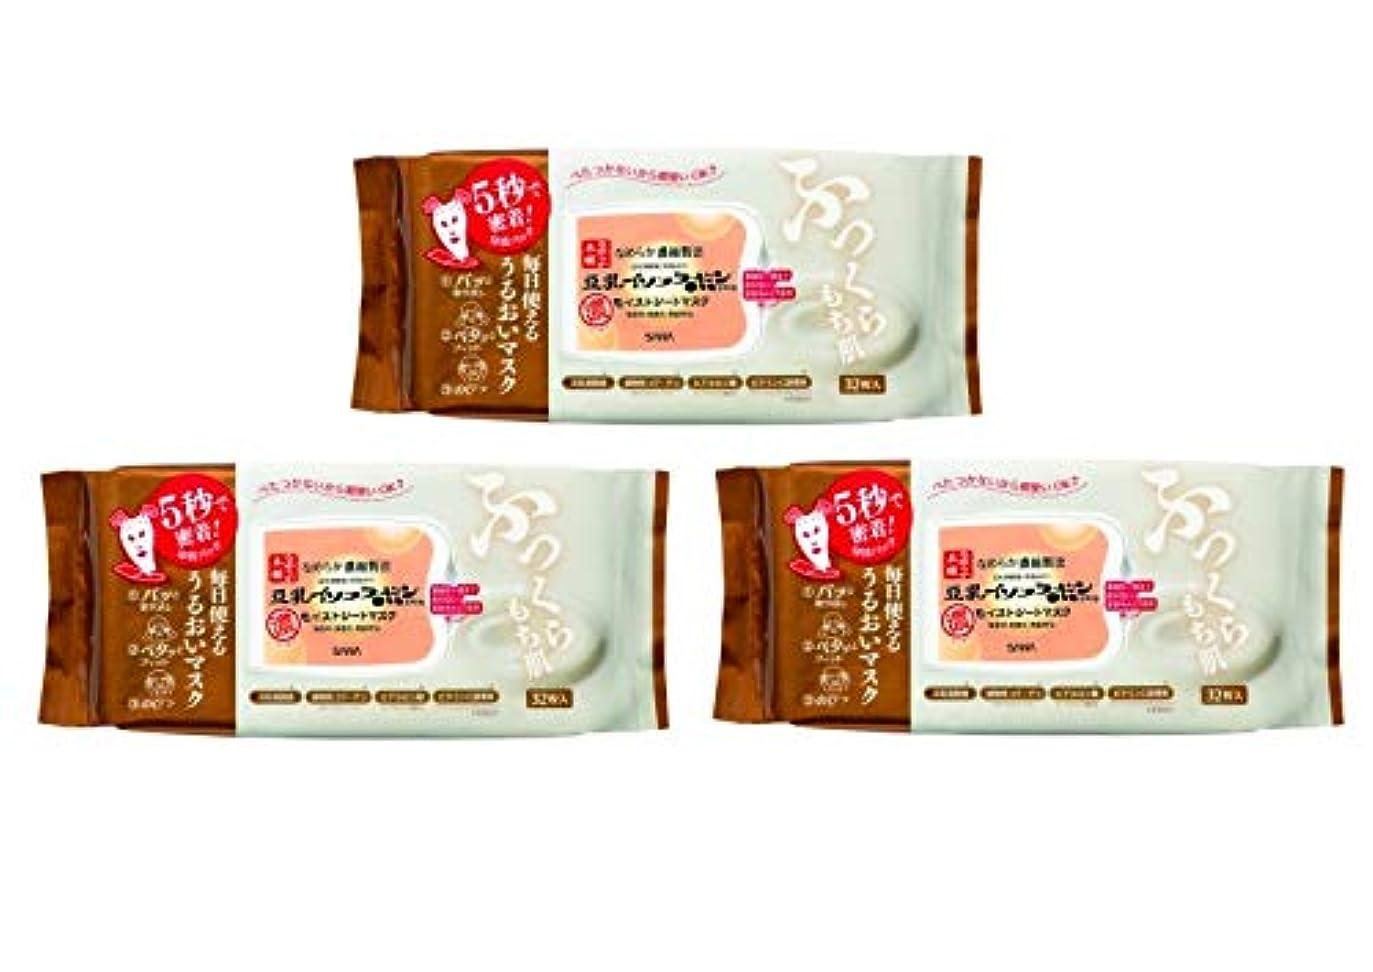 プロトタイプ背の高い適性豆乳イソフラボン モイストシートマスク 1個32枚入×3個セット サナ なめらか本舗